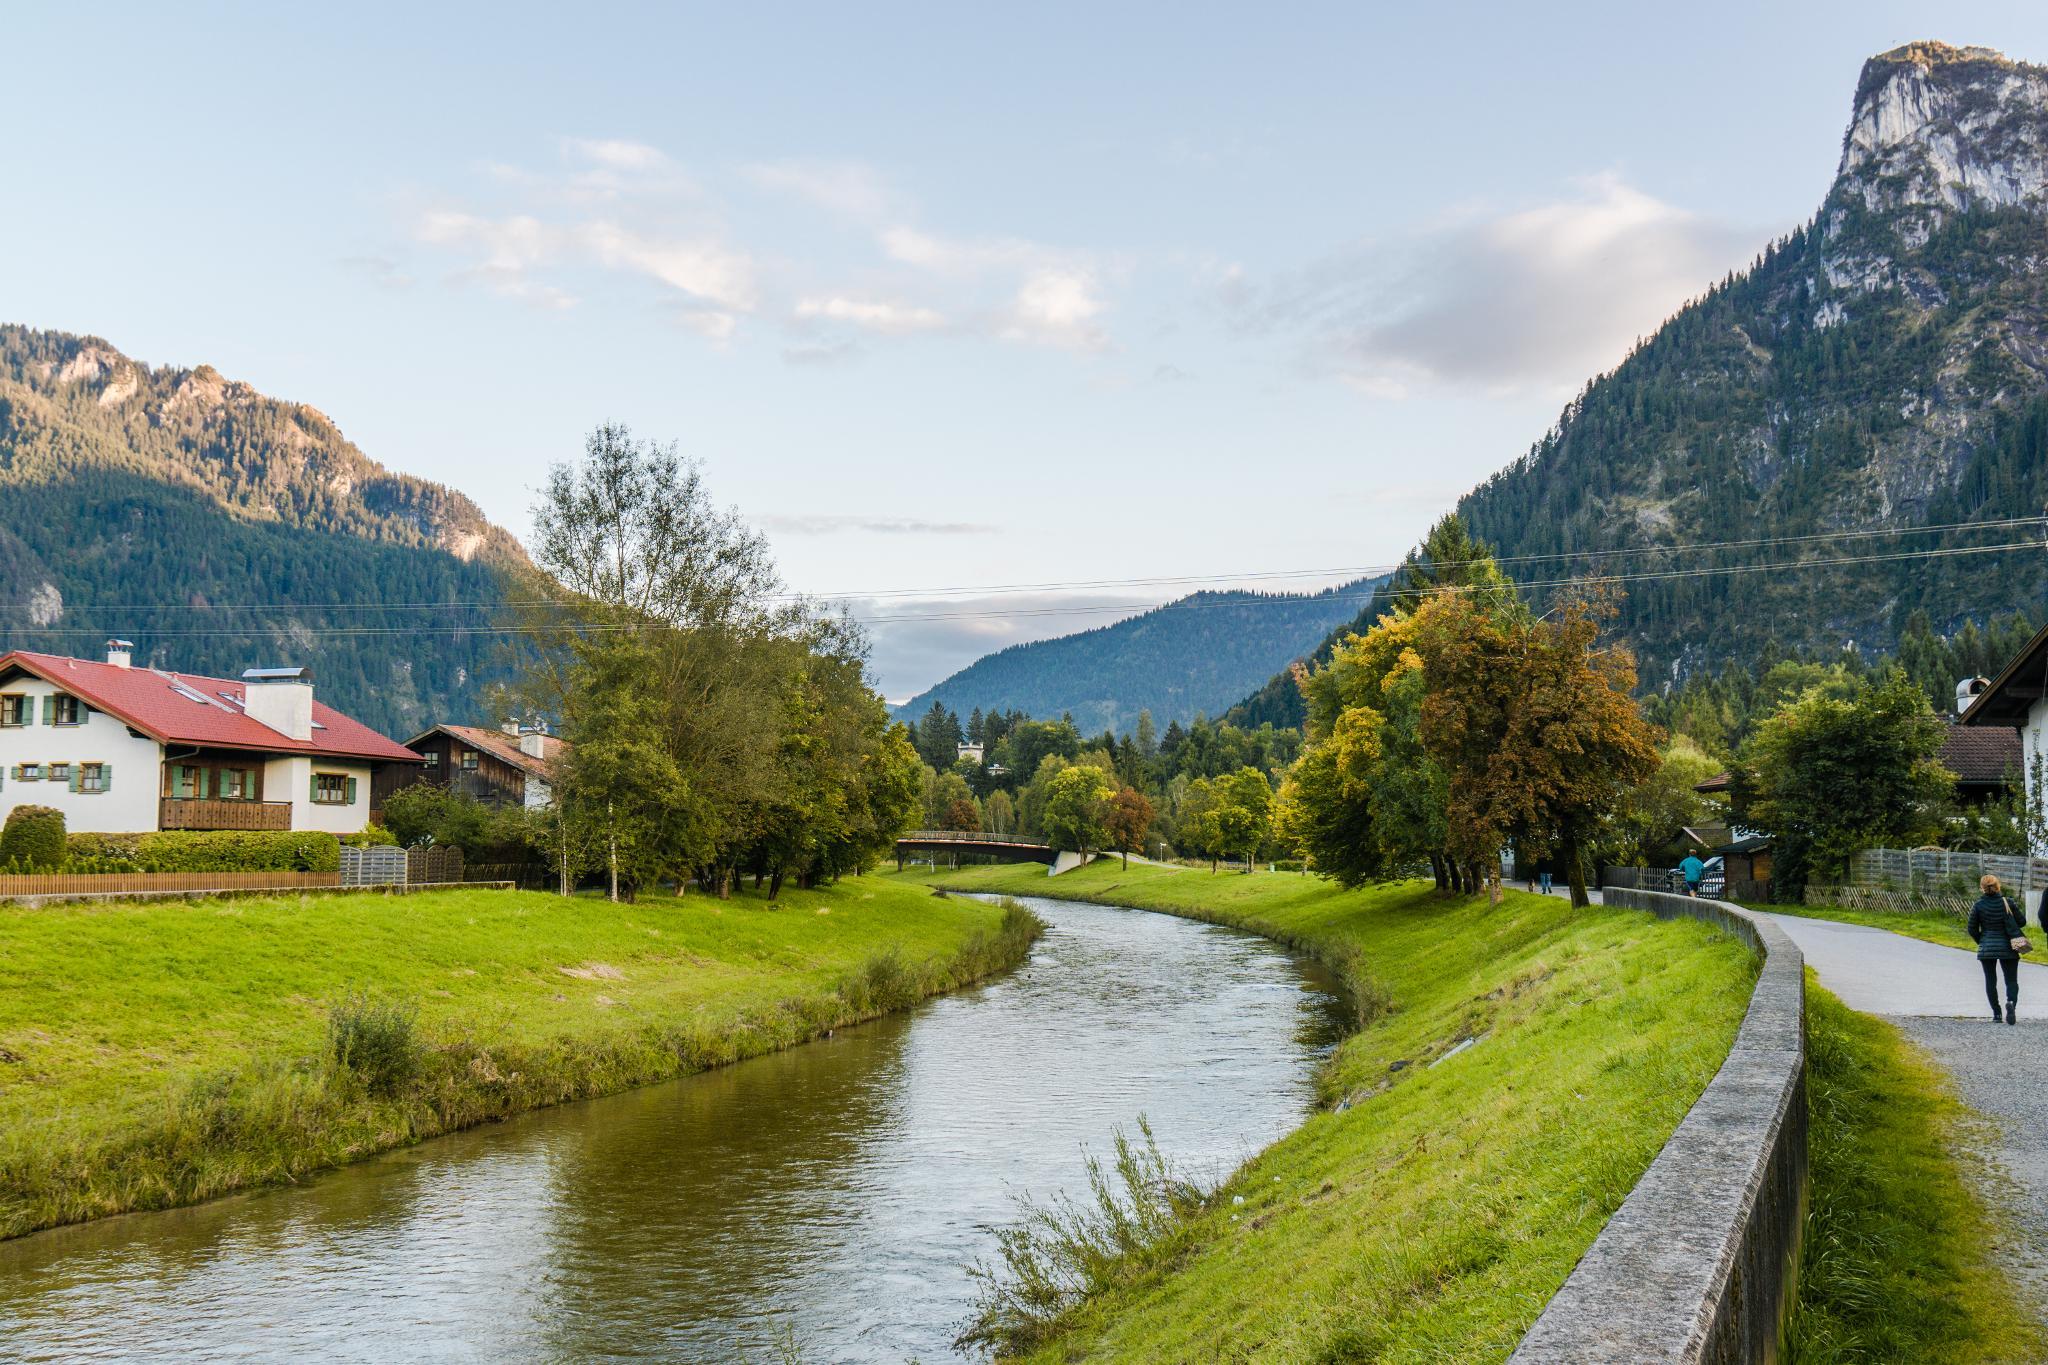 【德國】 阿爾卑斯大道 - 上阿瑪高小鎮 (Oberammergau) 3